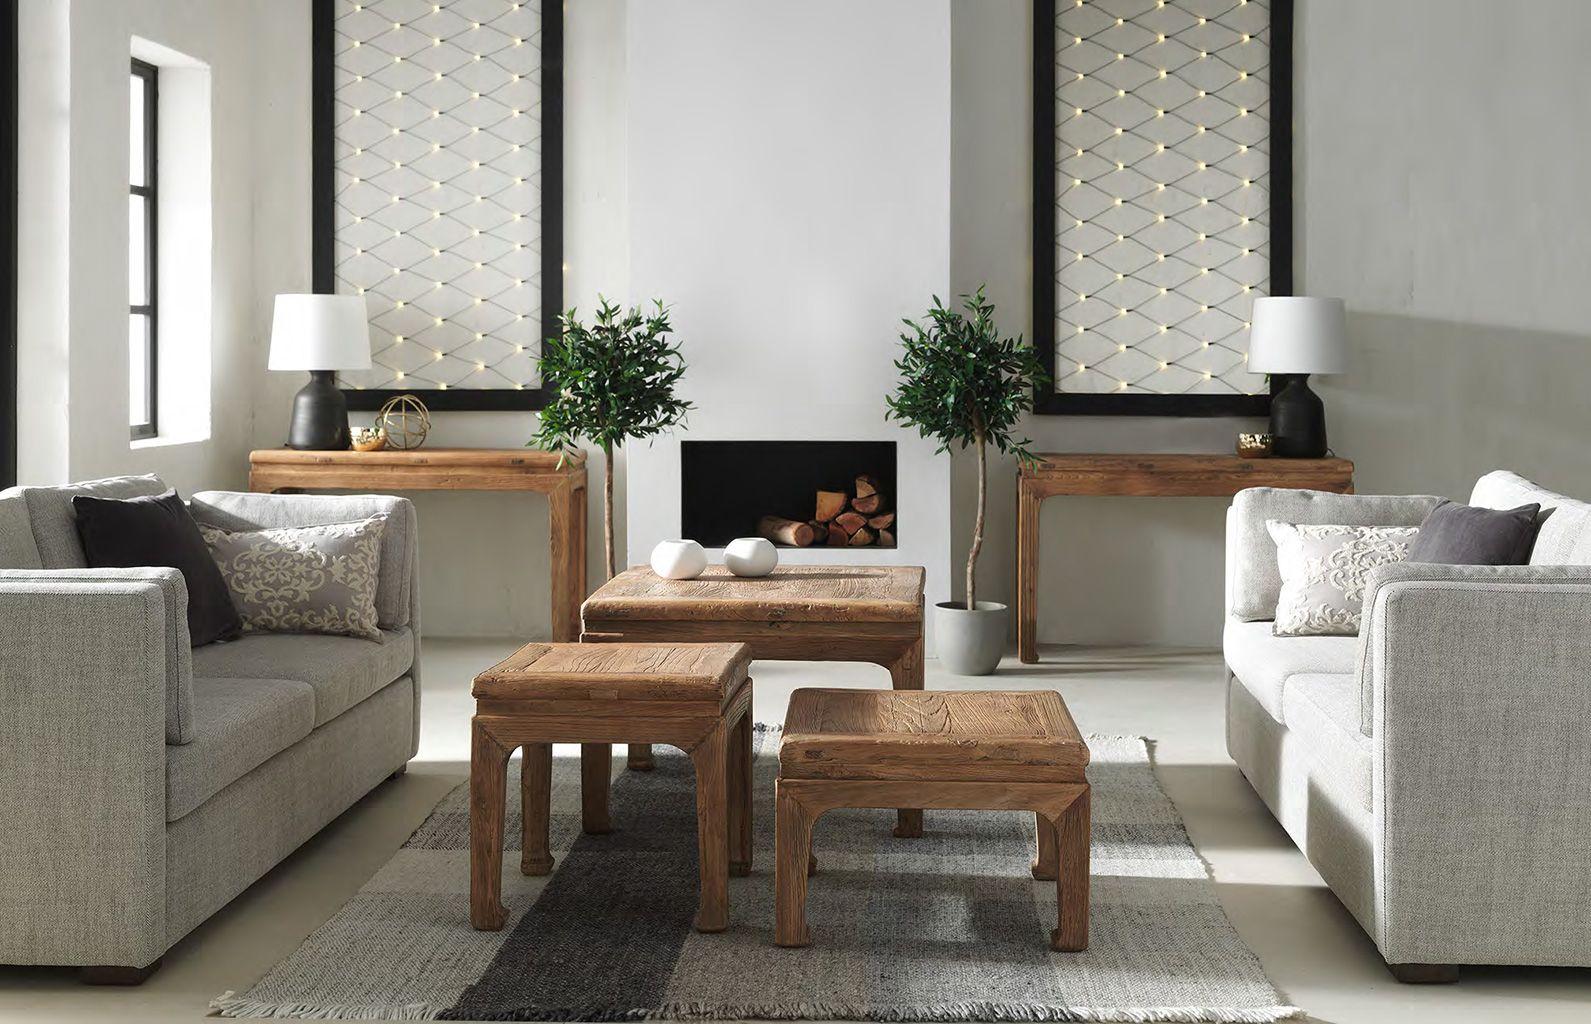 Decorar con madera es tendencia - La madera, reina de la decoración